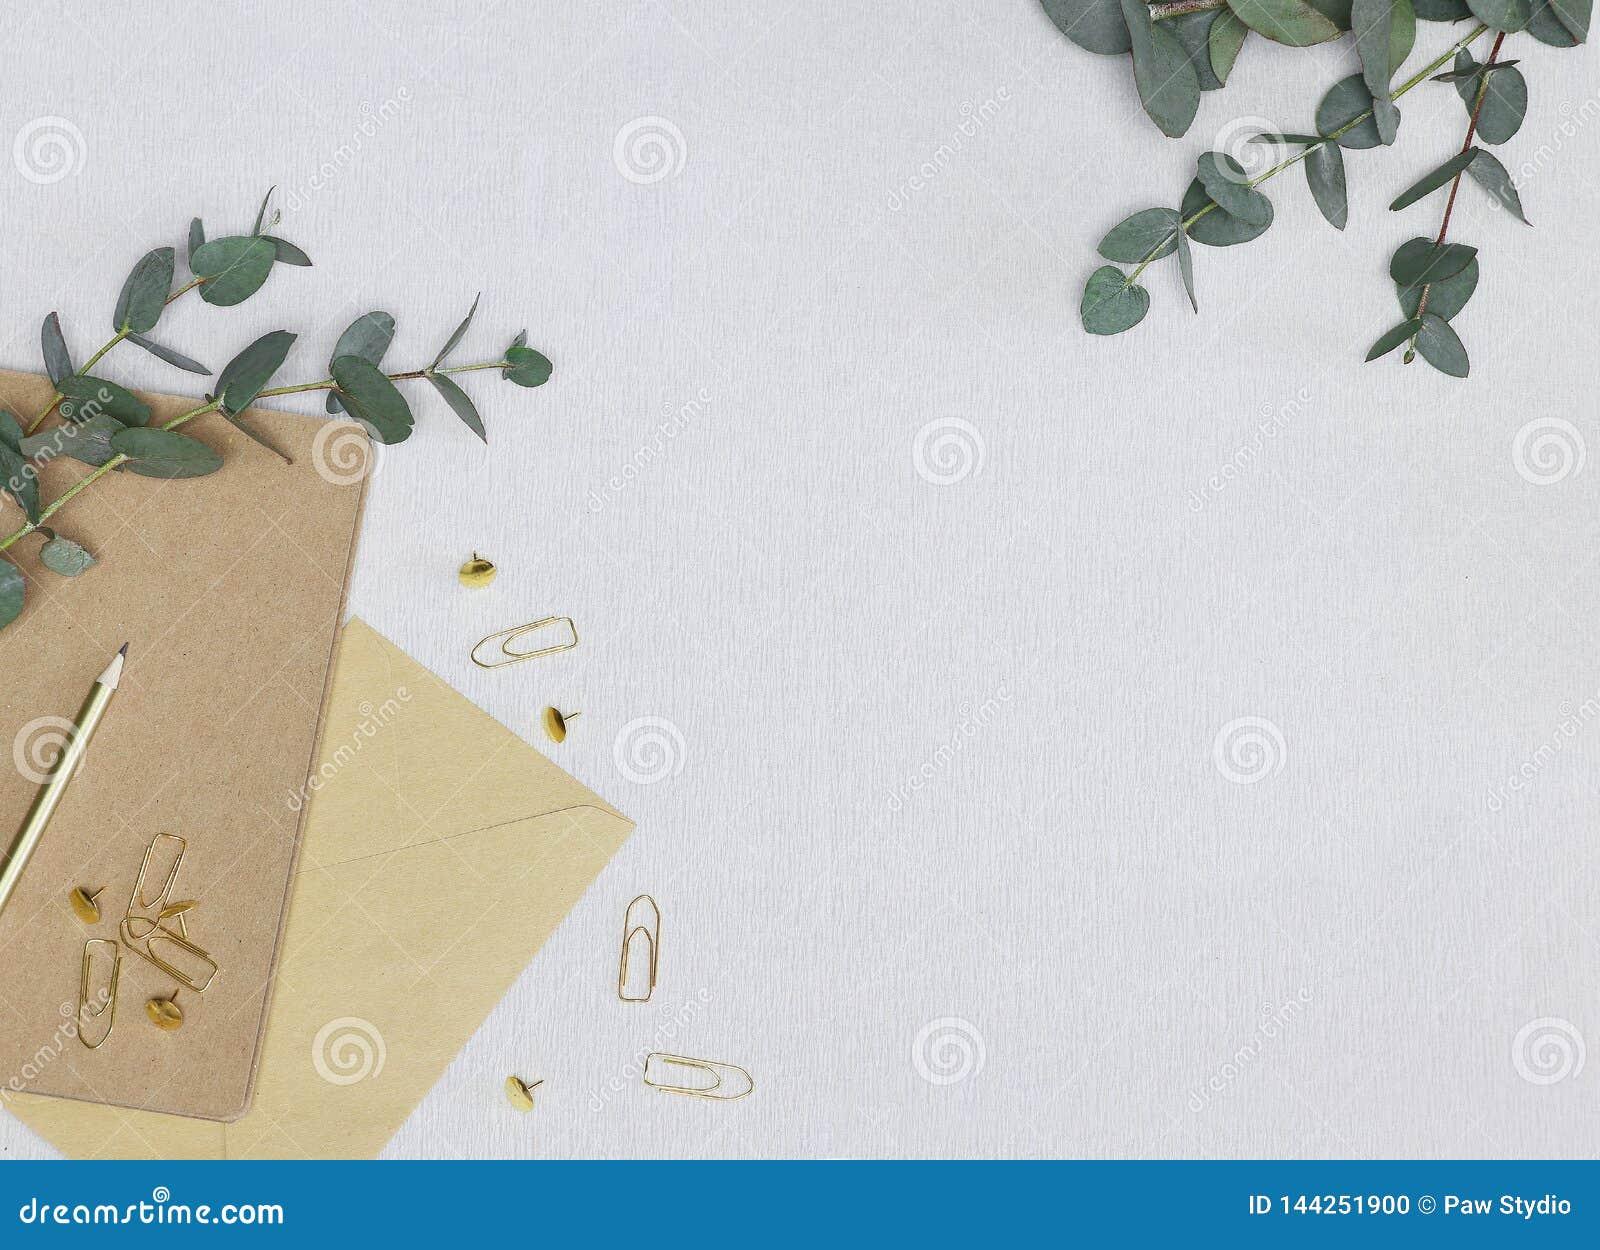 Foto minimalista con el lápiz de oro, clips de papel, pernos, nota, sobre, ramas del eucalipto